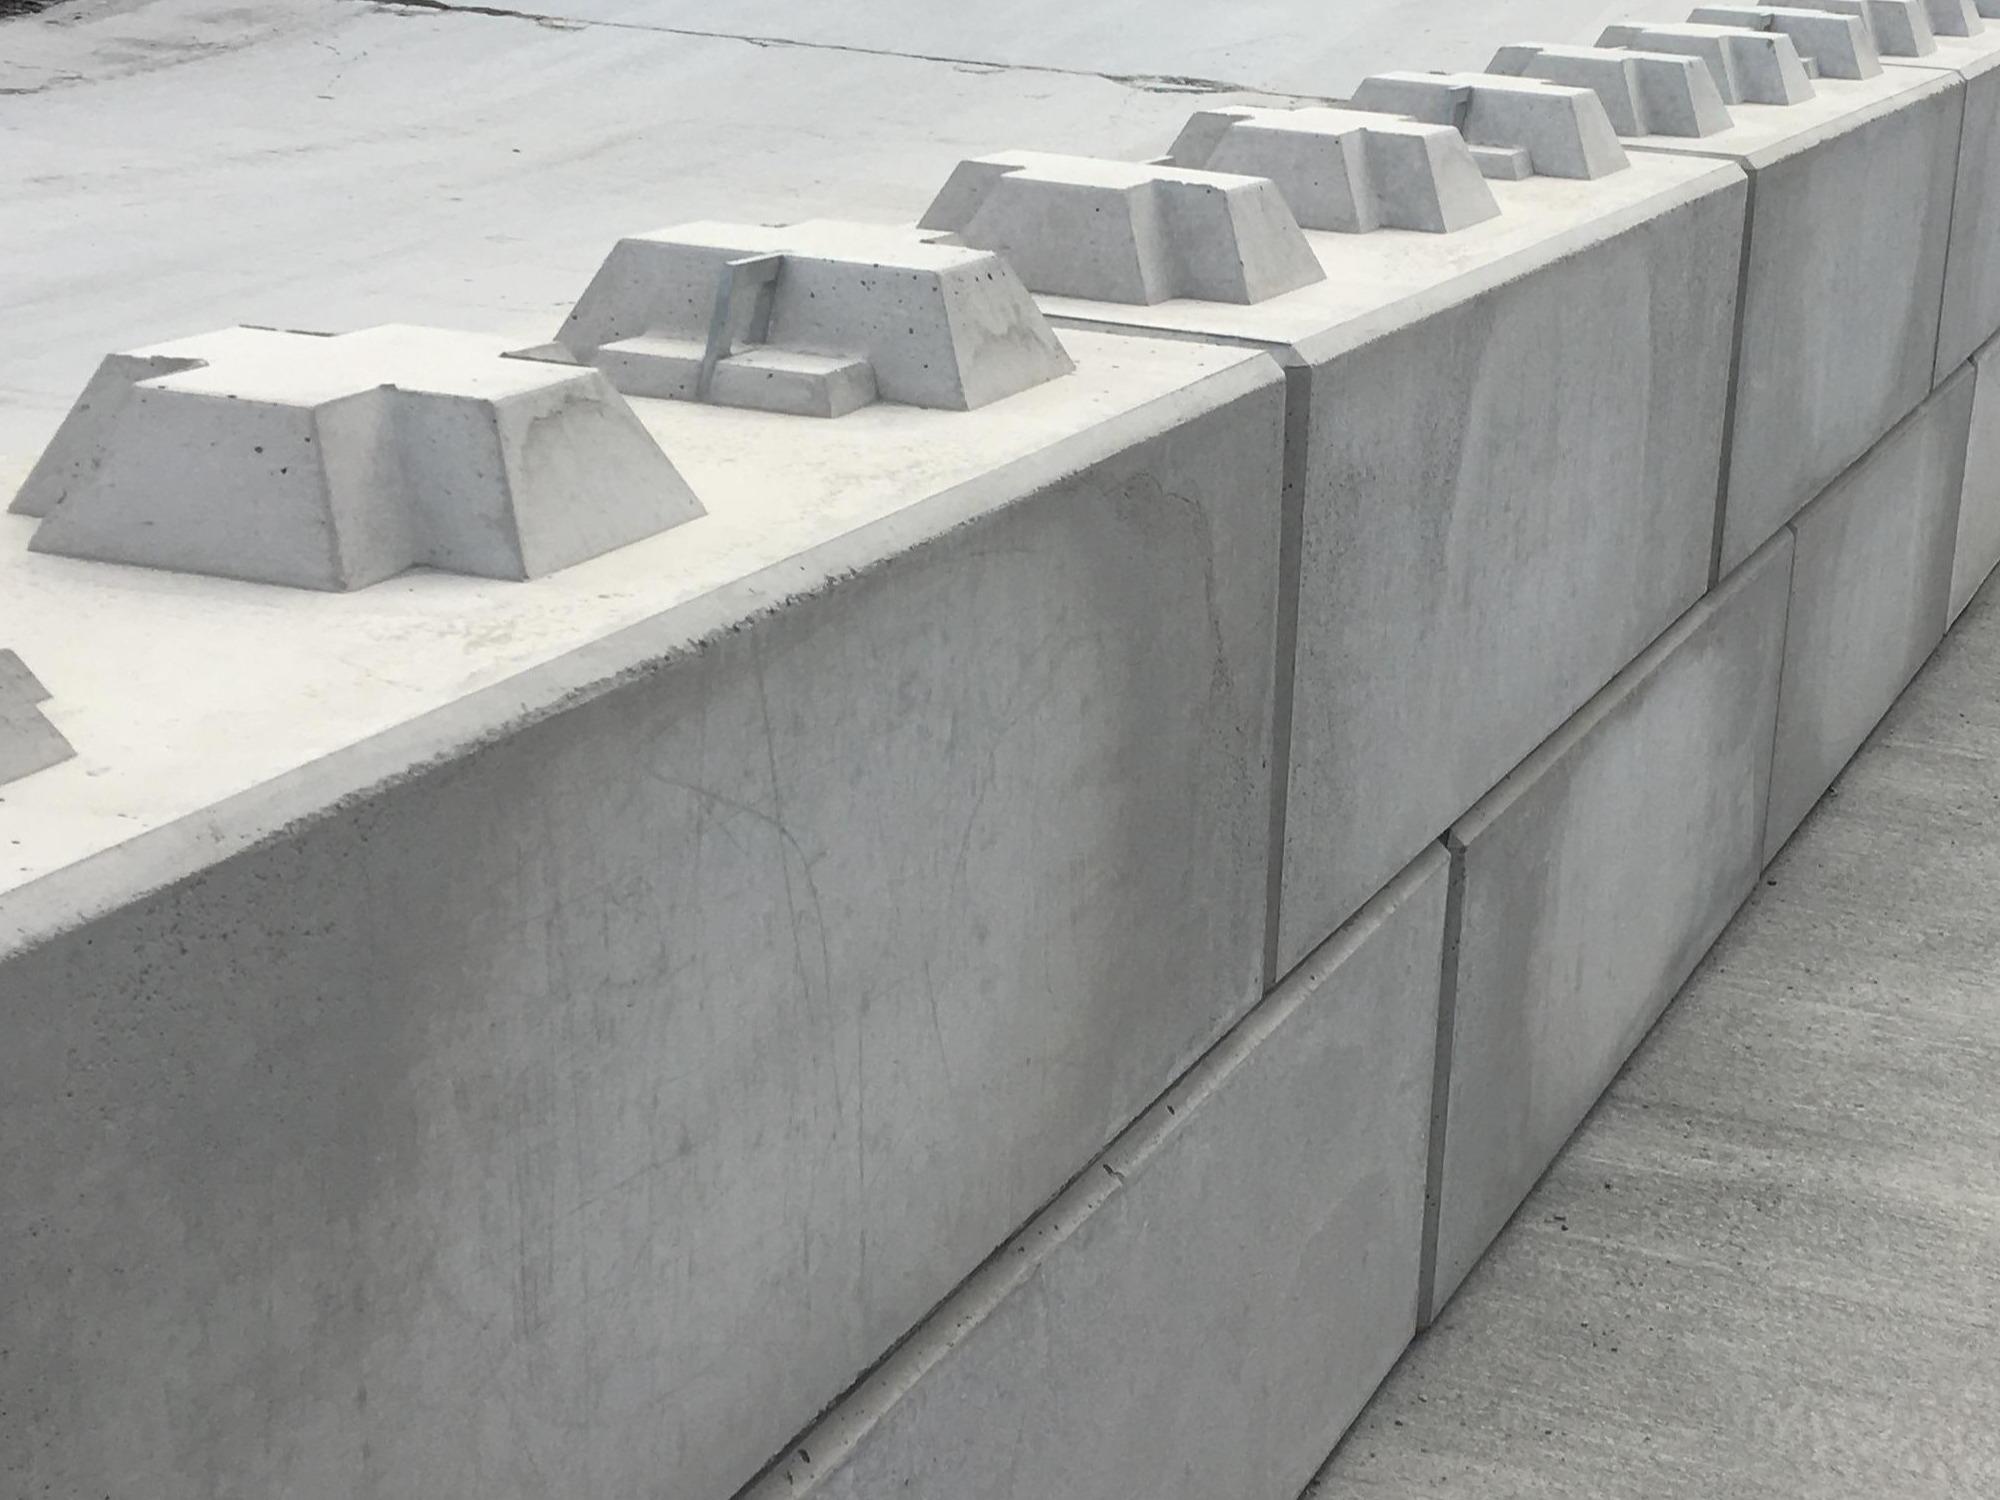 concrete_blocks_chain_2-1